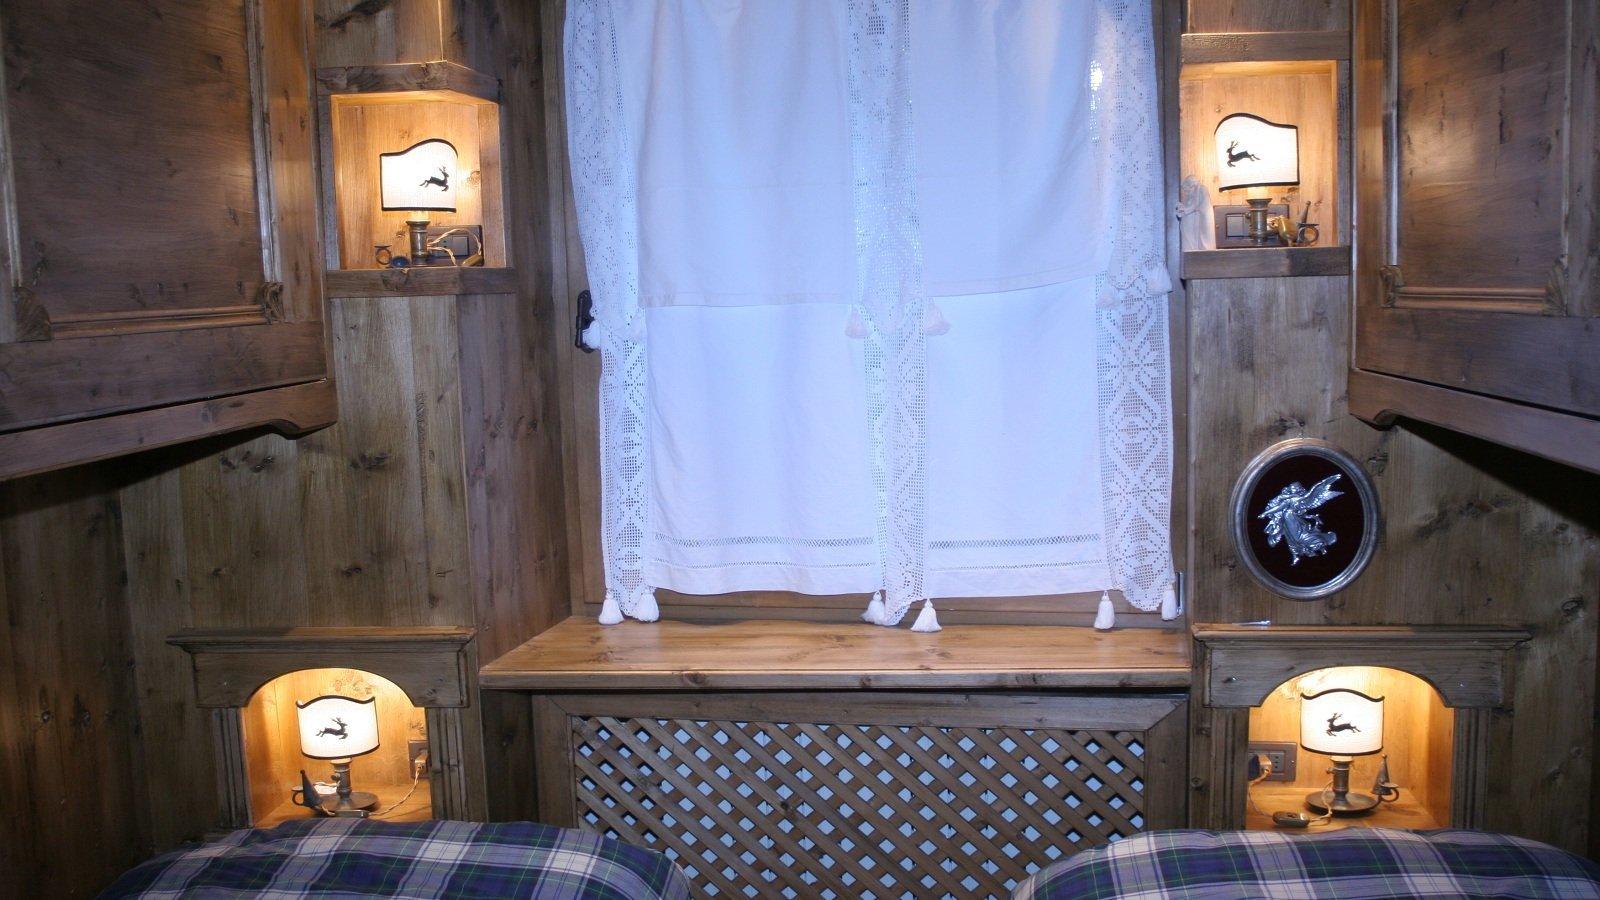 due letti, una finestra e un calorifero coperto da una griglia in legno